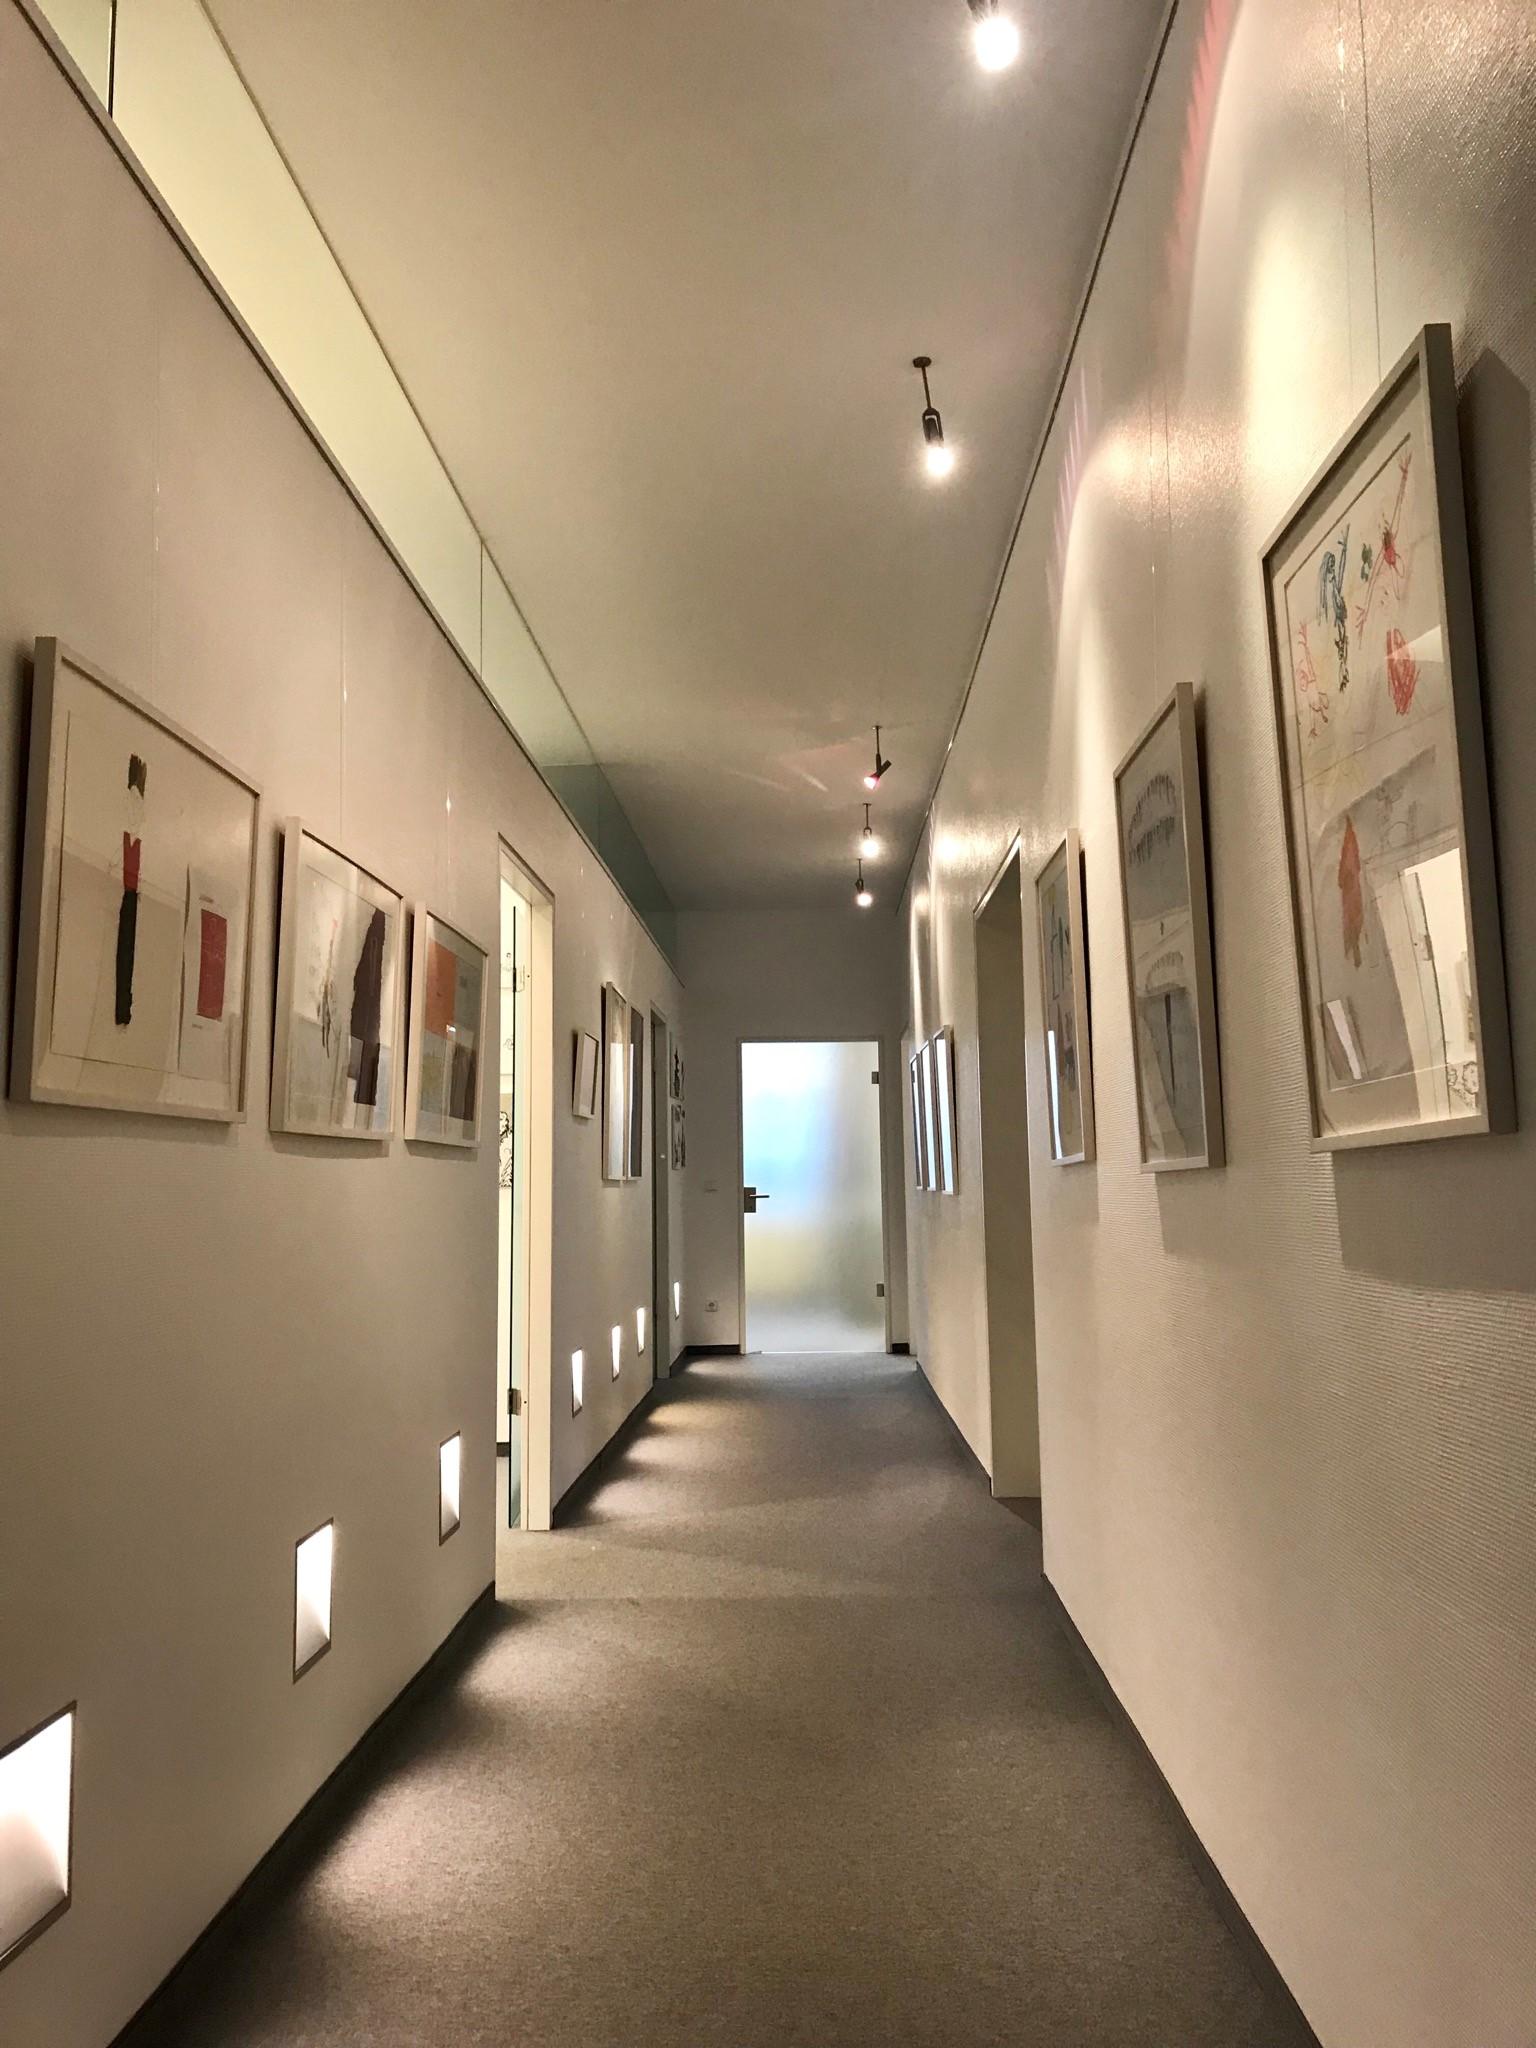 Eröffnung der Ausstellung in der Kämpgen-Stiftung